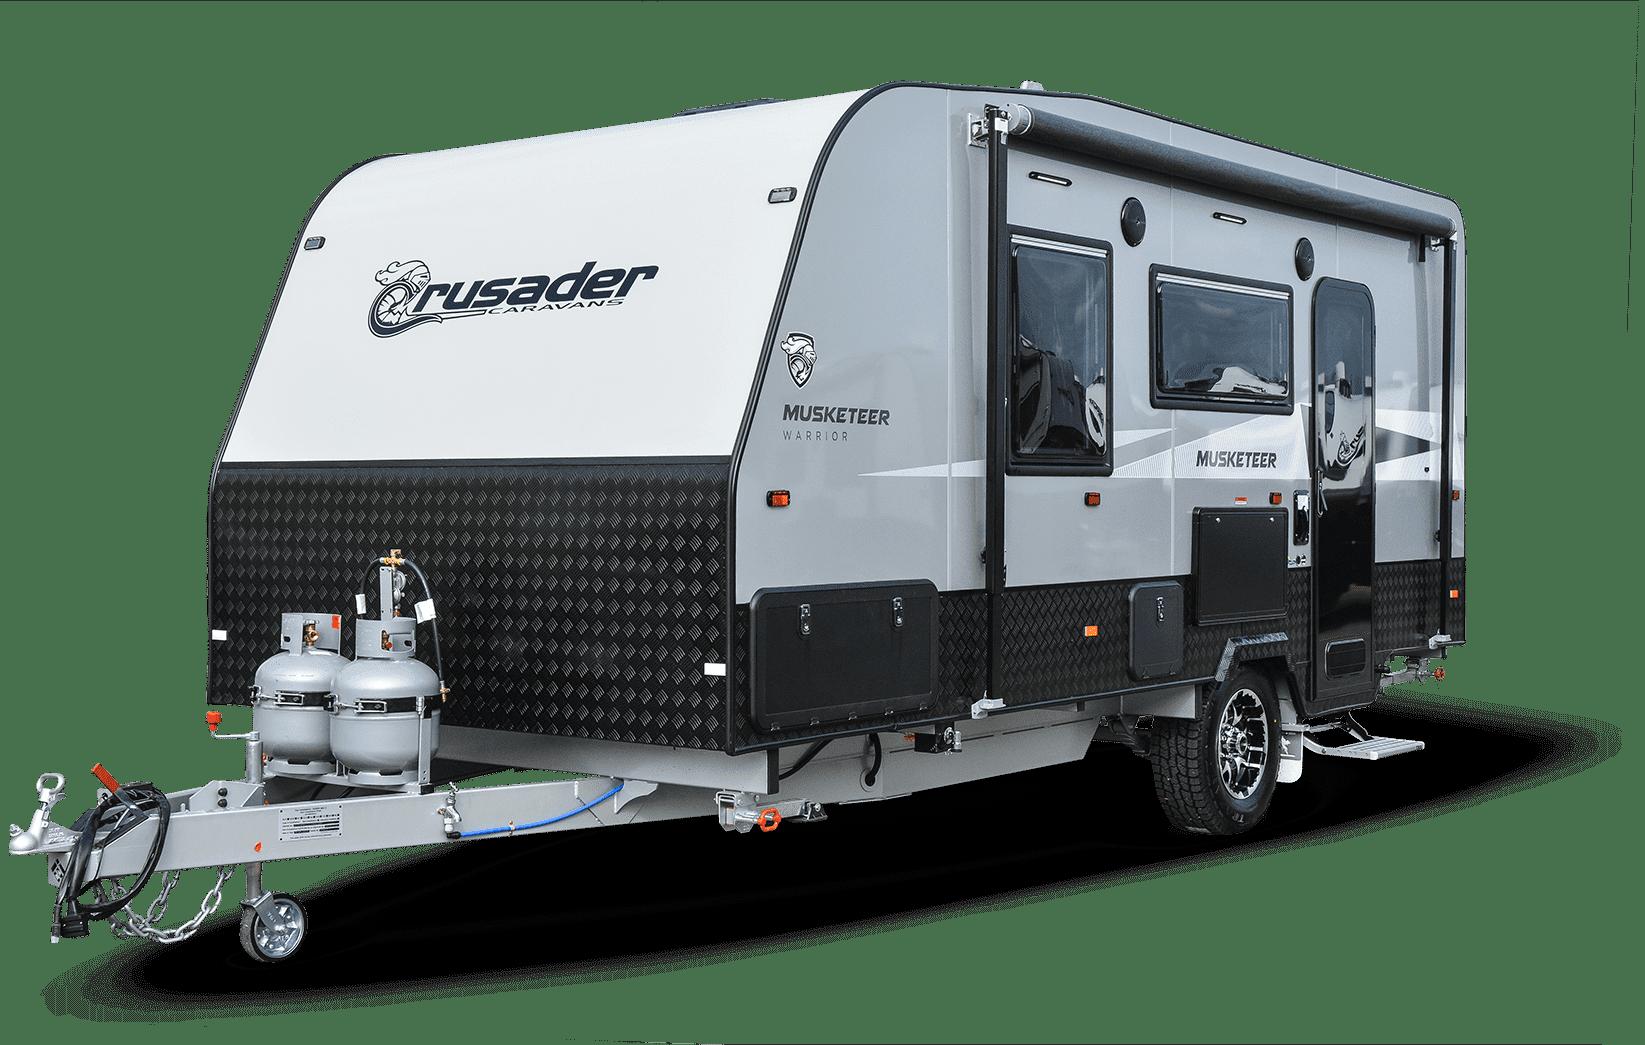 Crusader Musketeer new caravan for sale at Lewis RV.